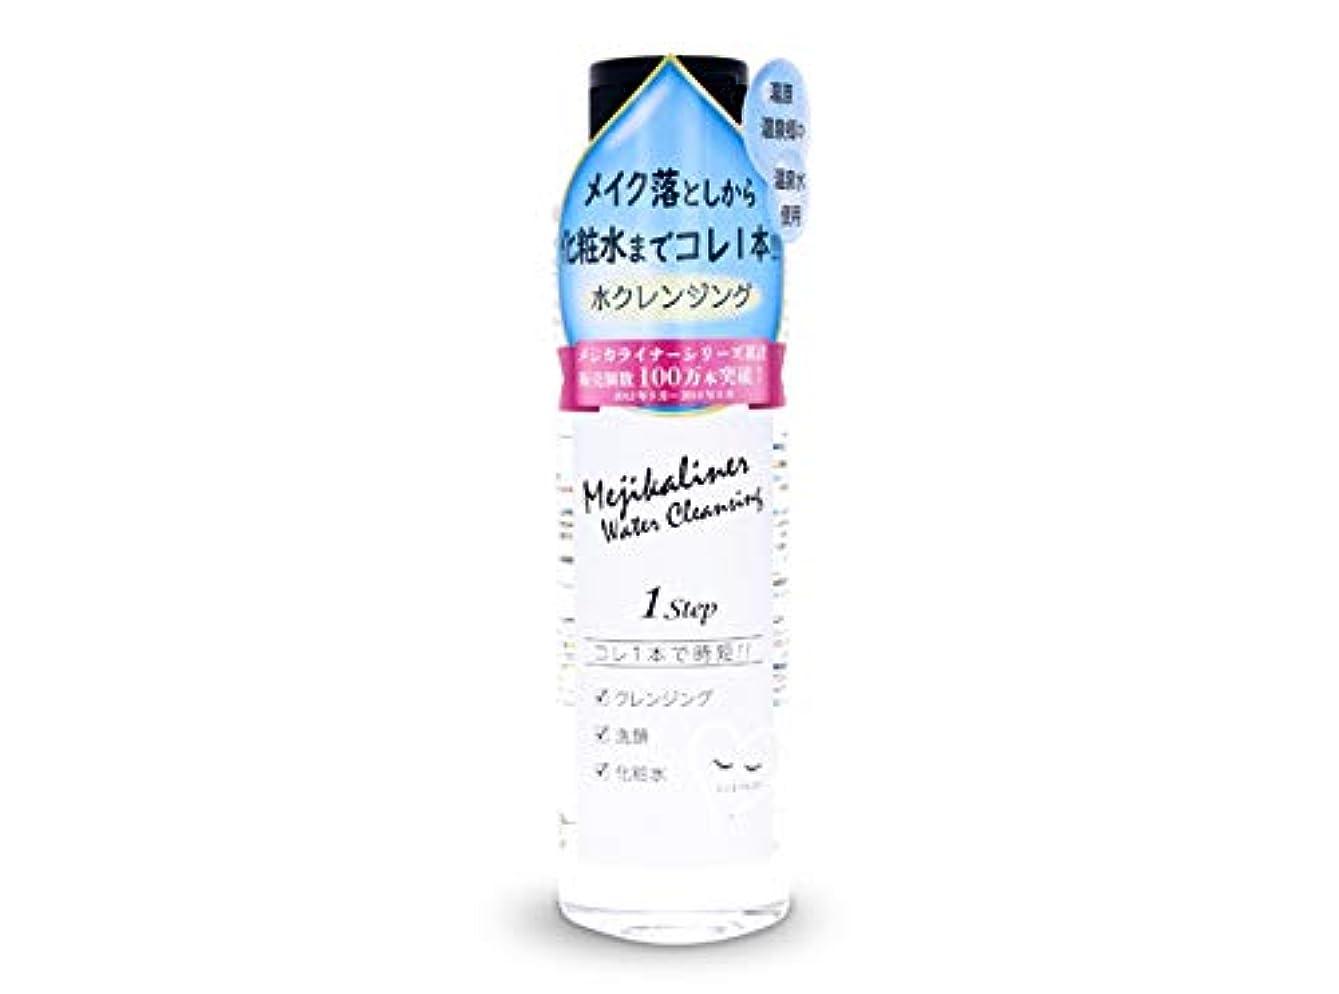 驚くべき一時的非常に怒っていますメジカライナー ウォータークレンジング 30個セット 水クレンジング メイク落とし 洗顔 スキンケア 化粧品